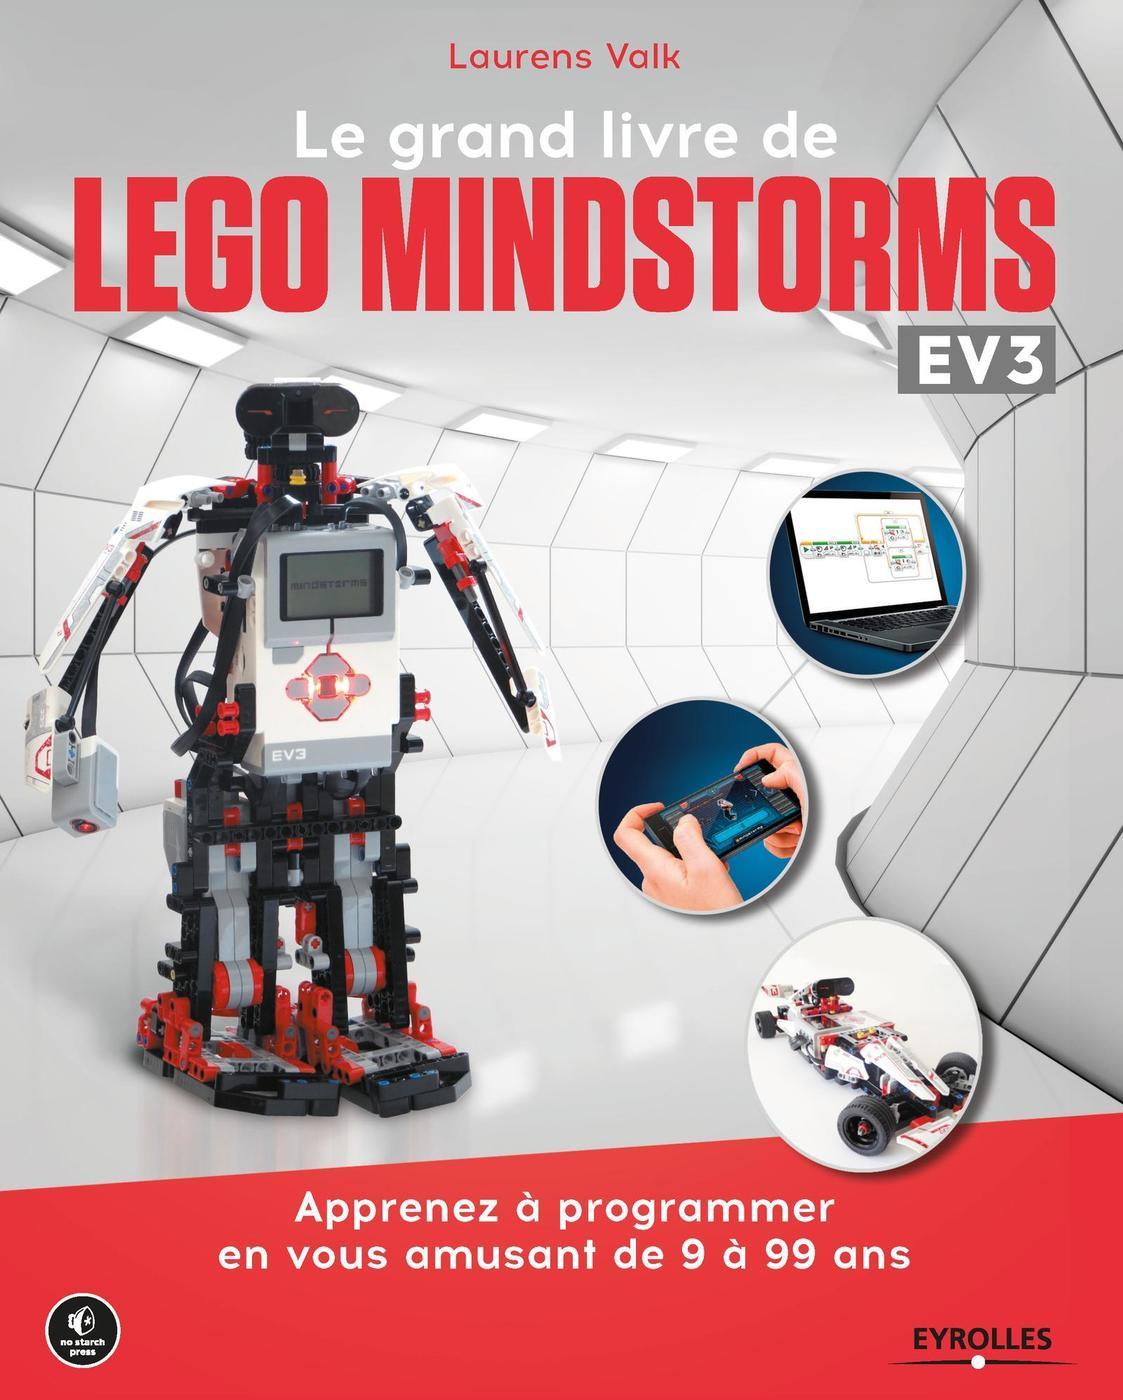 Le grand livre de Lego Mindstorms EV3 - Laurens Valk - Librairie Eyrolles